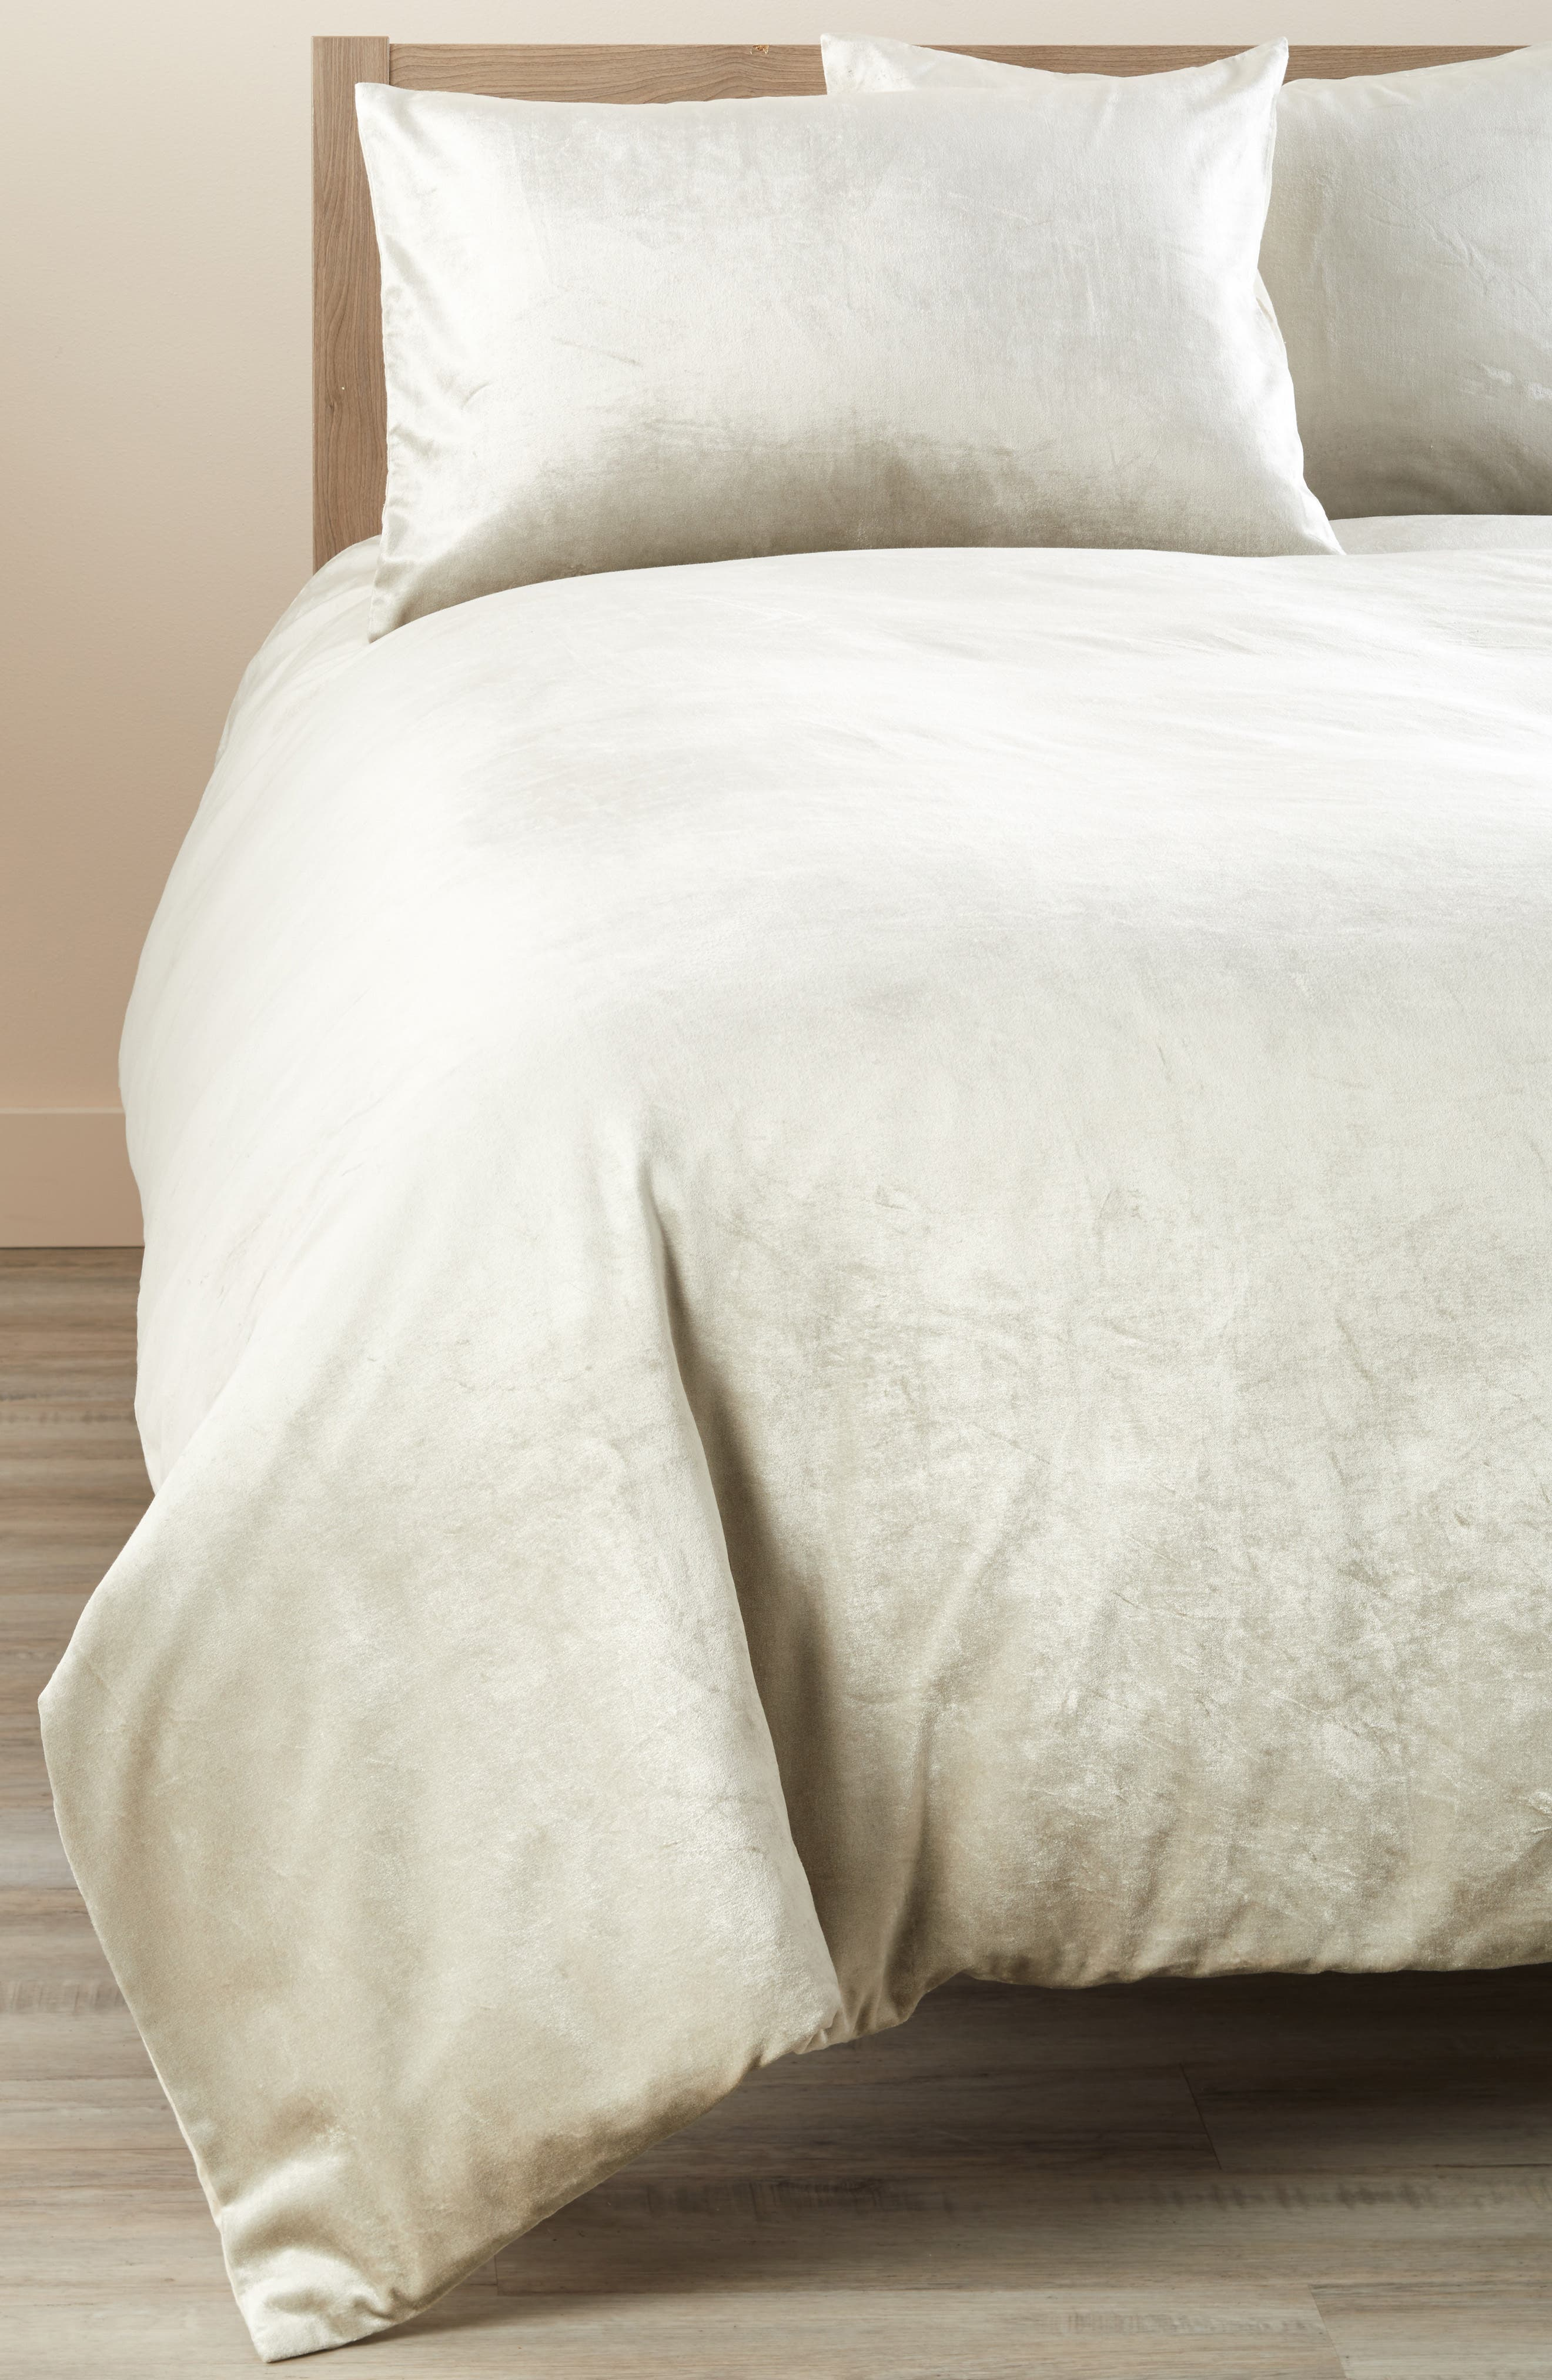 Shimmer Velvet Duvet Cover,                             Main thumbnail 1, color,                             GREY OPAL